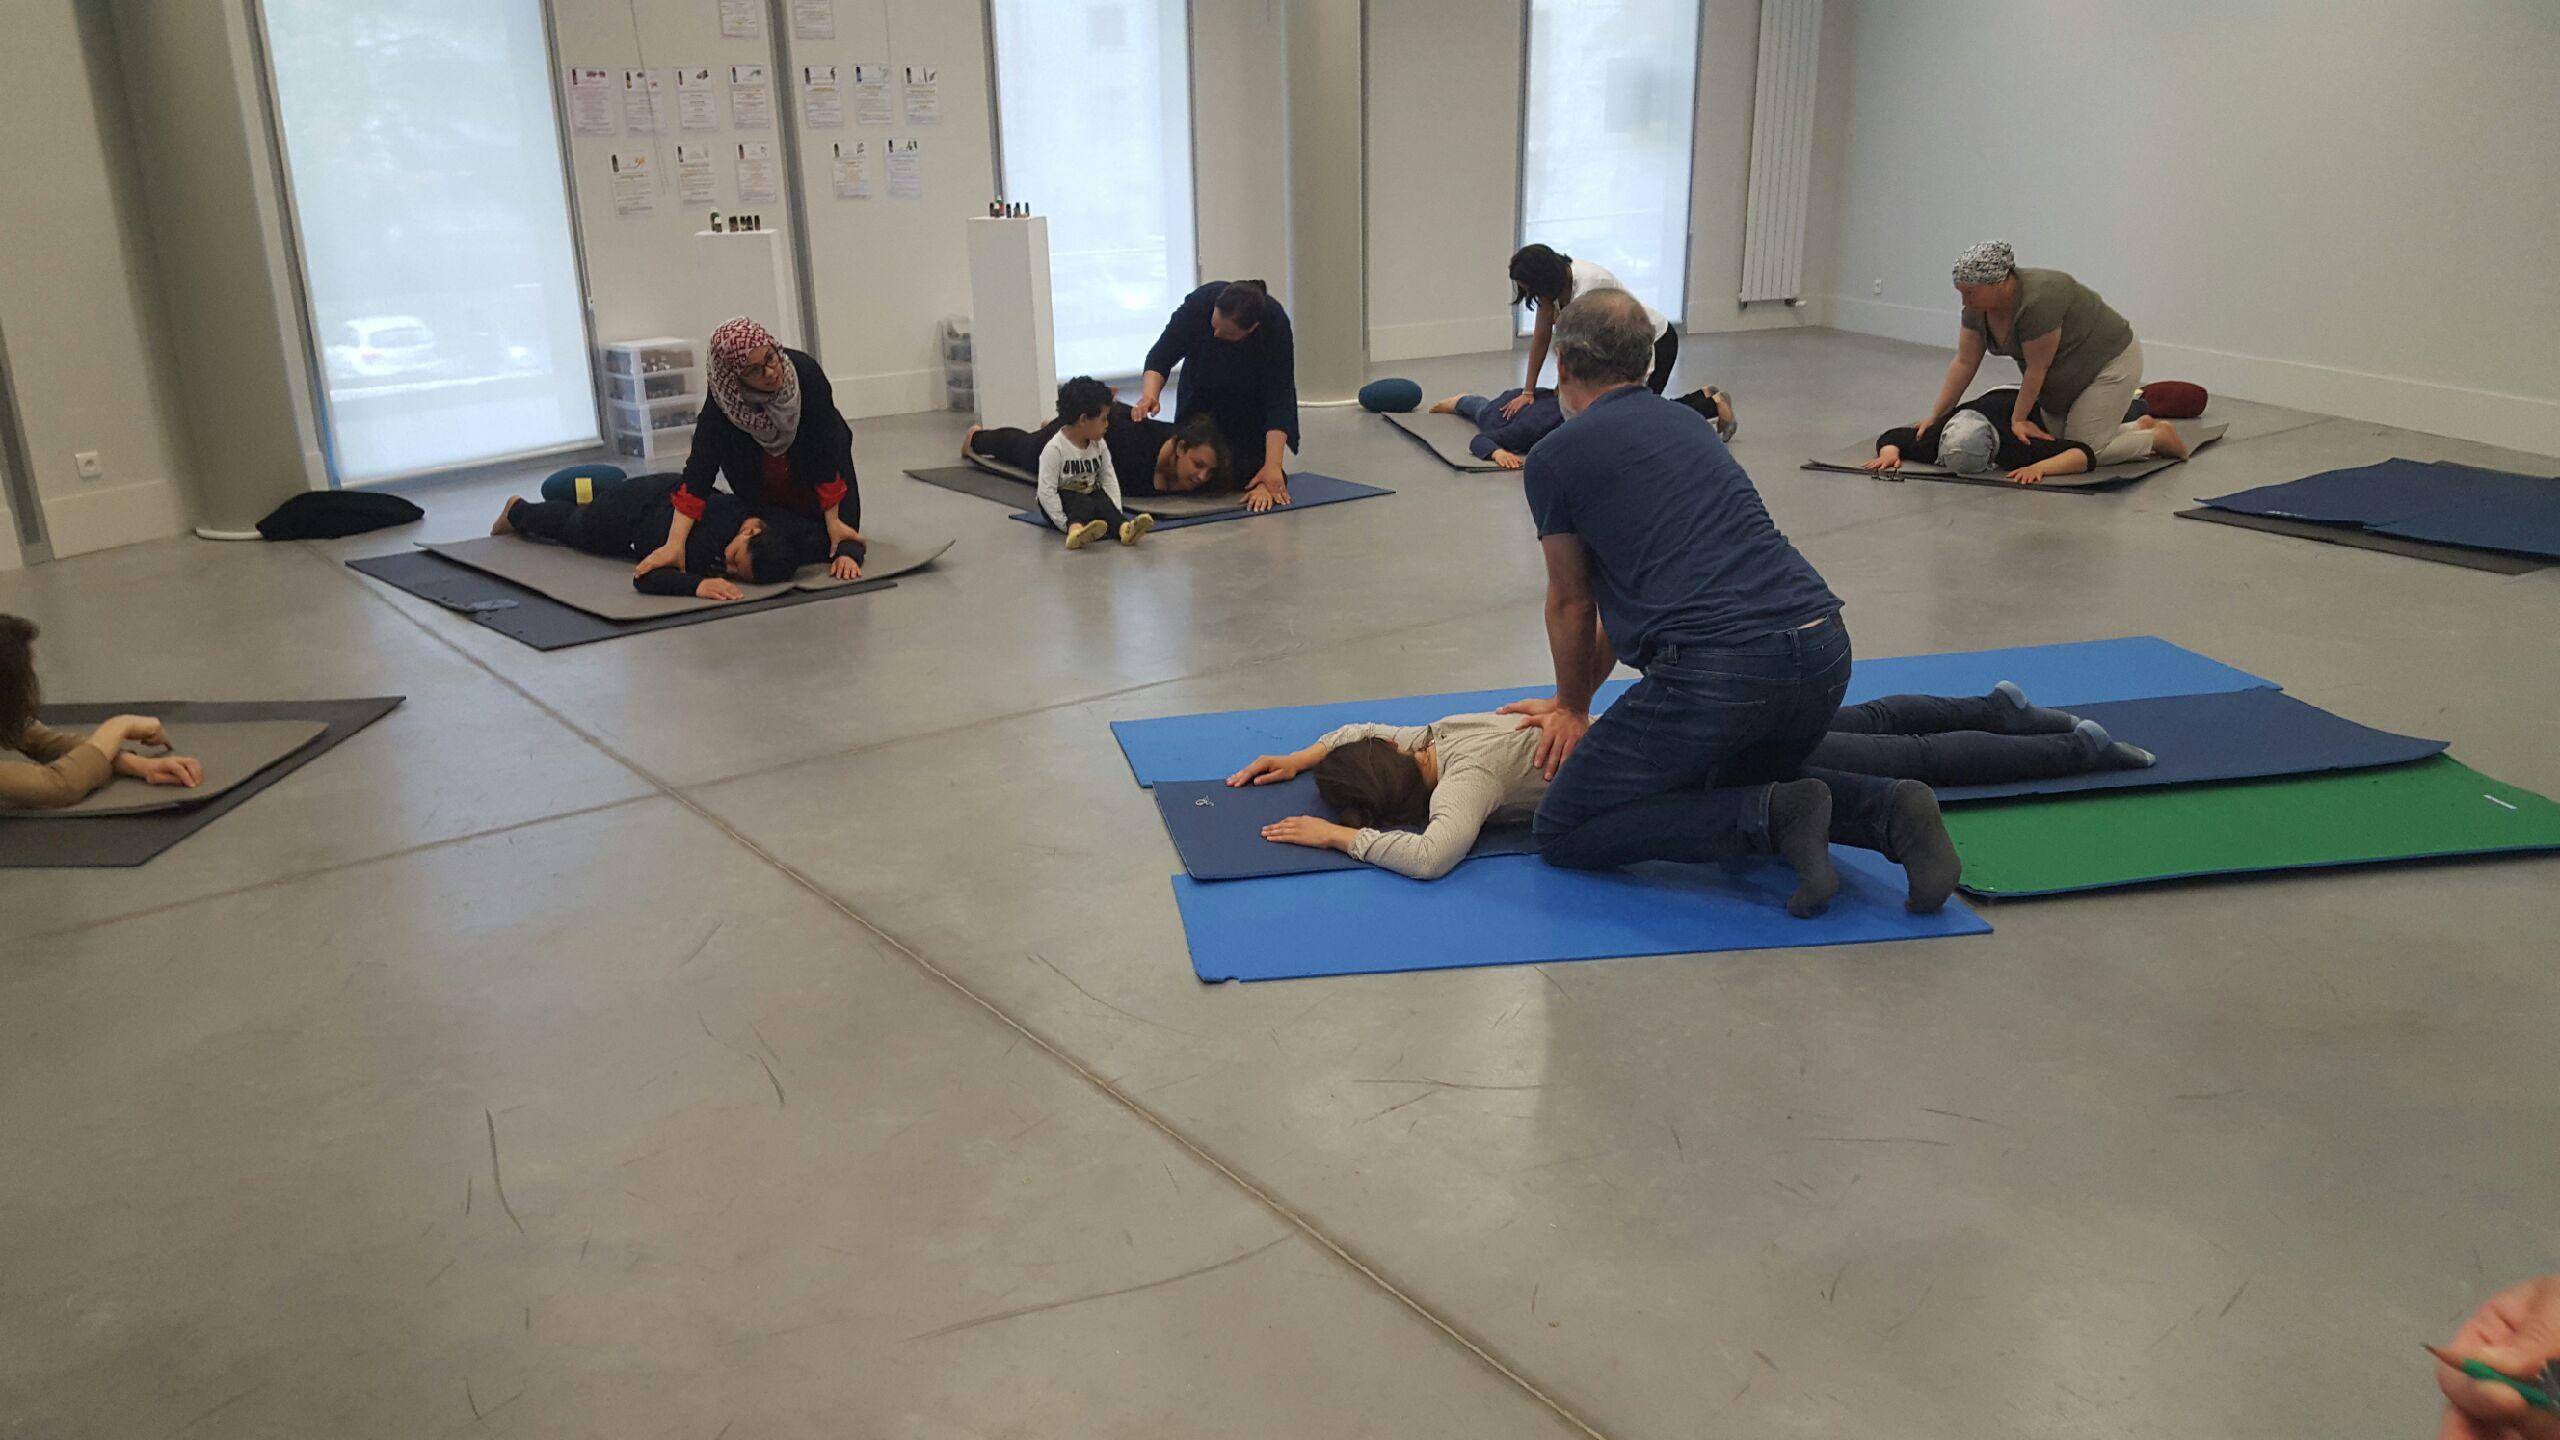 Atelier shiatsu du Pôle de Thérapeutes avec les voisins du quartier de Bel Air de Saint Germain en Laye